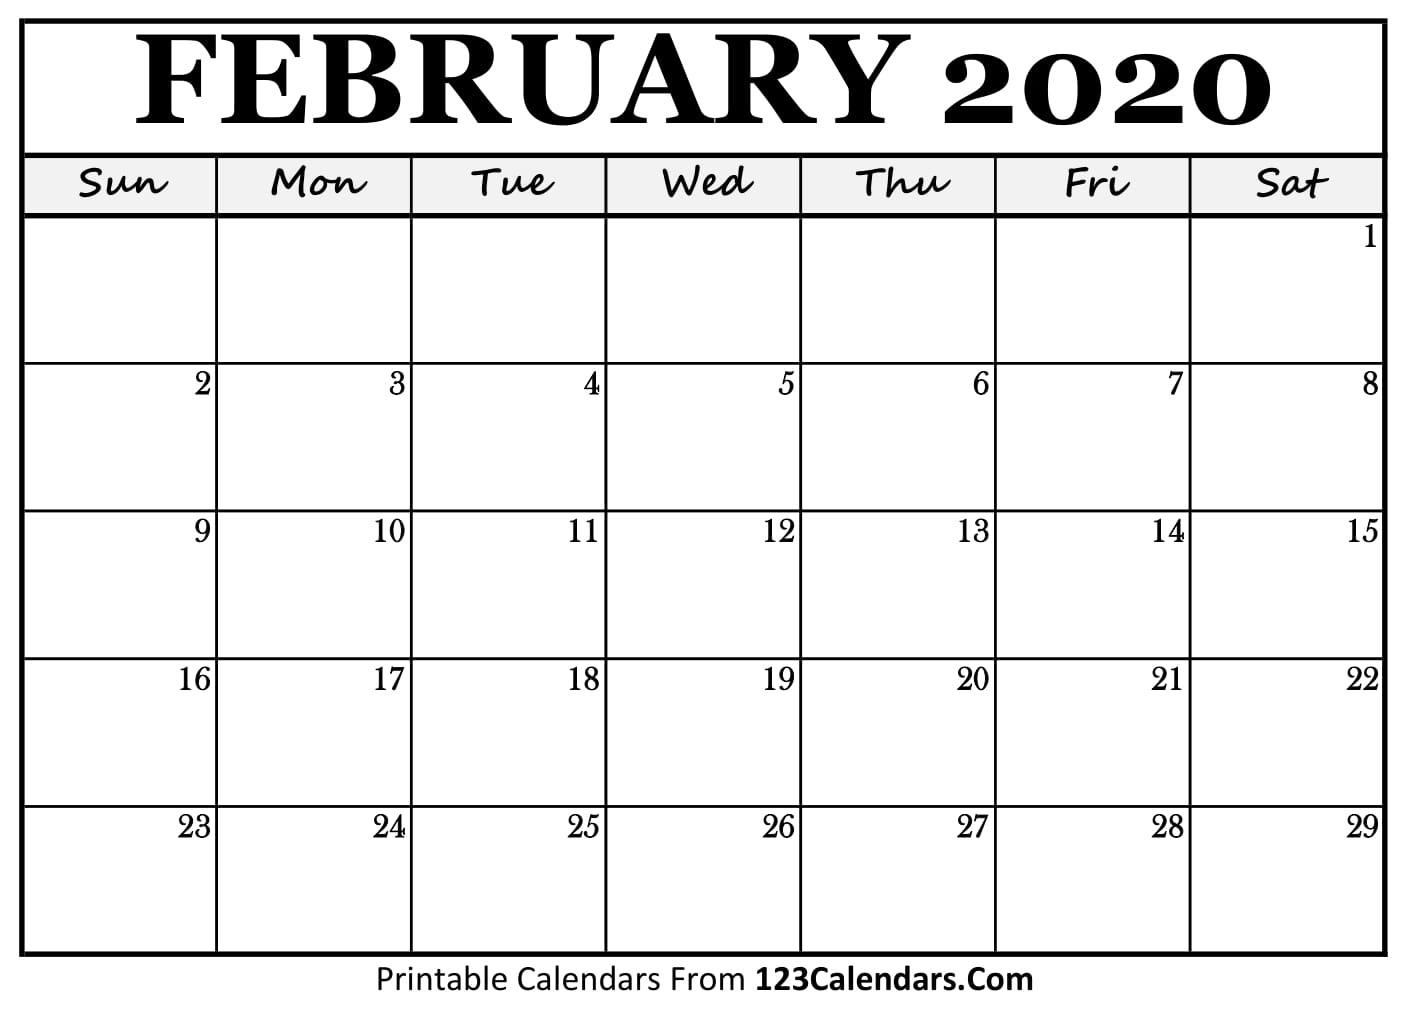 February 2020 Printable Calendar | 123Calendars – Calendar within Printable Calendars From 123Calendars